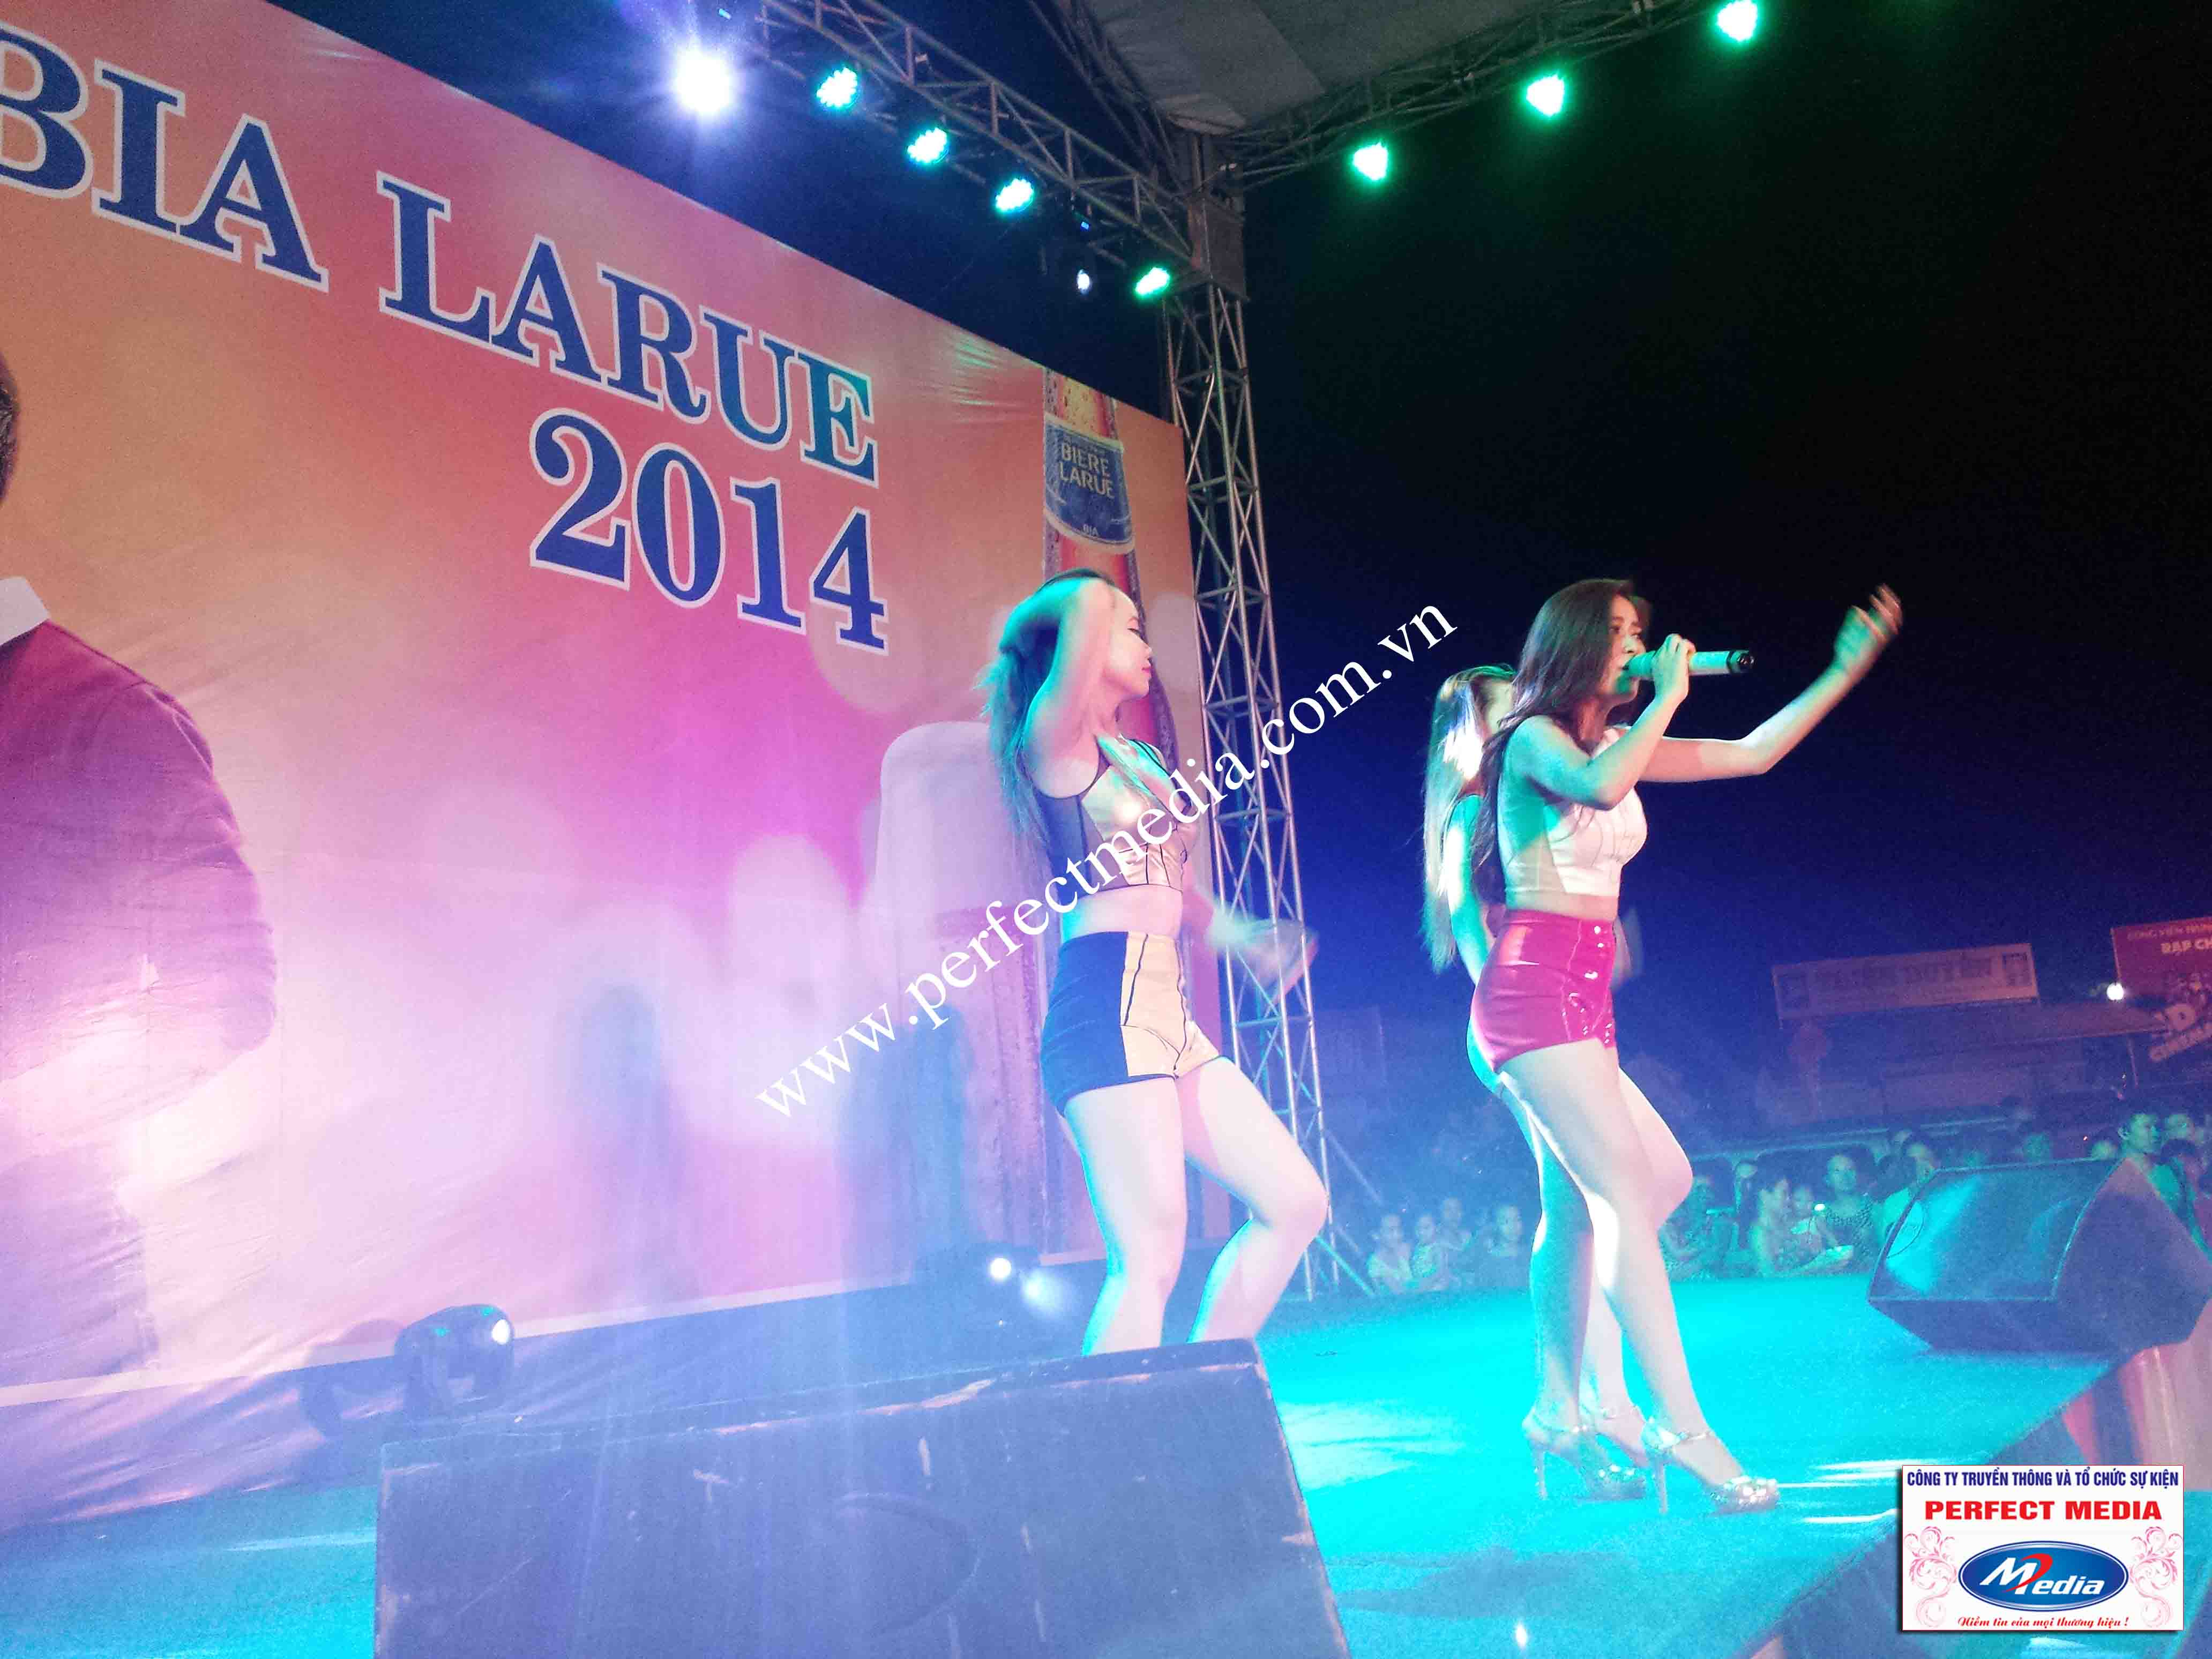 Hình ảnh sự kiện Tour Festival Bia Larue tại các thành phố Hạ Long - Hà Tĩnh và thành phố Vinh 19